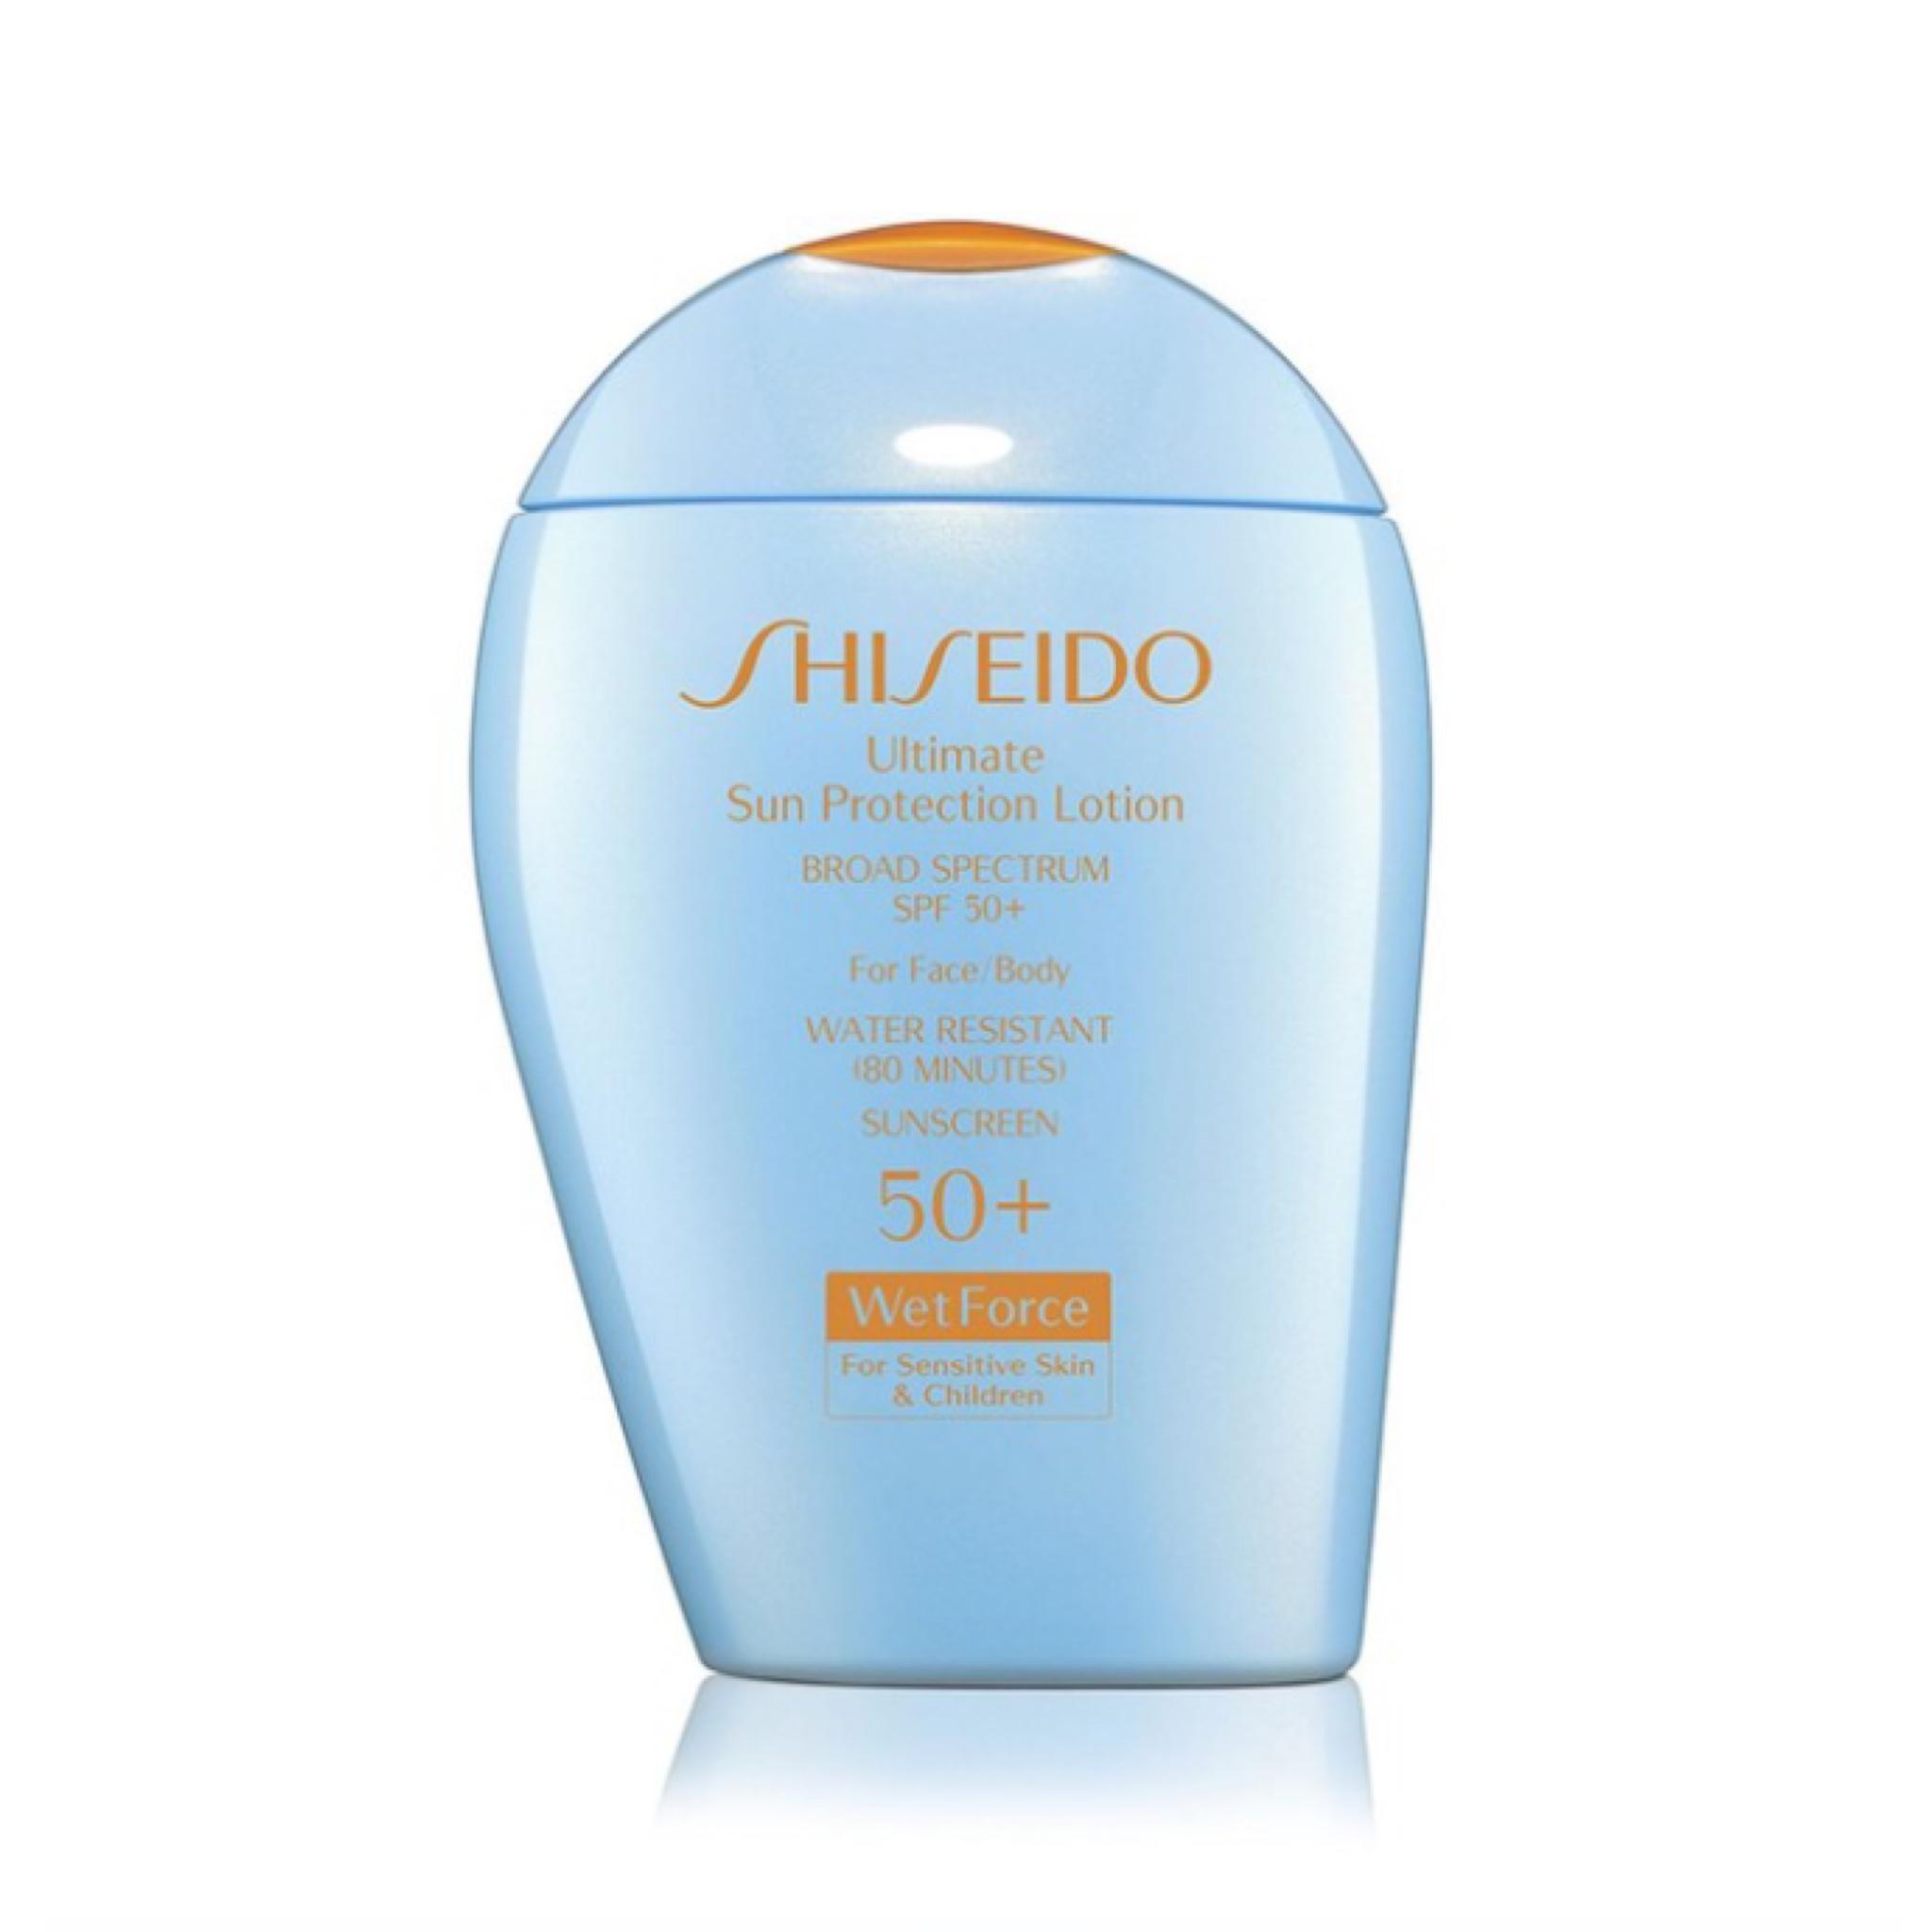 Shiseido Childrens.JPG